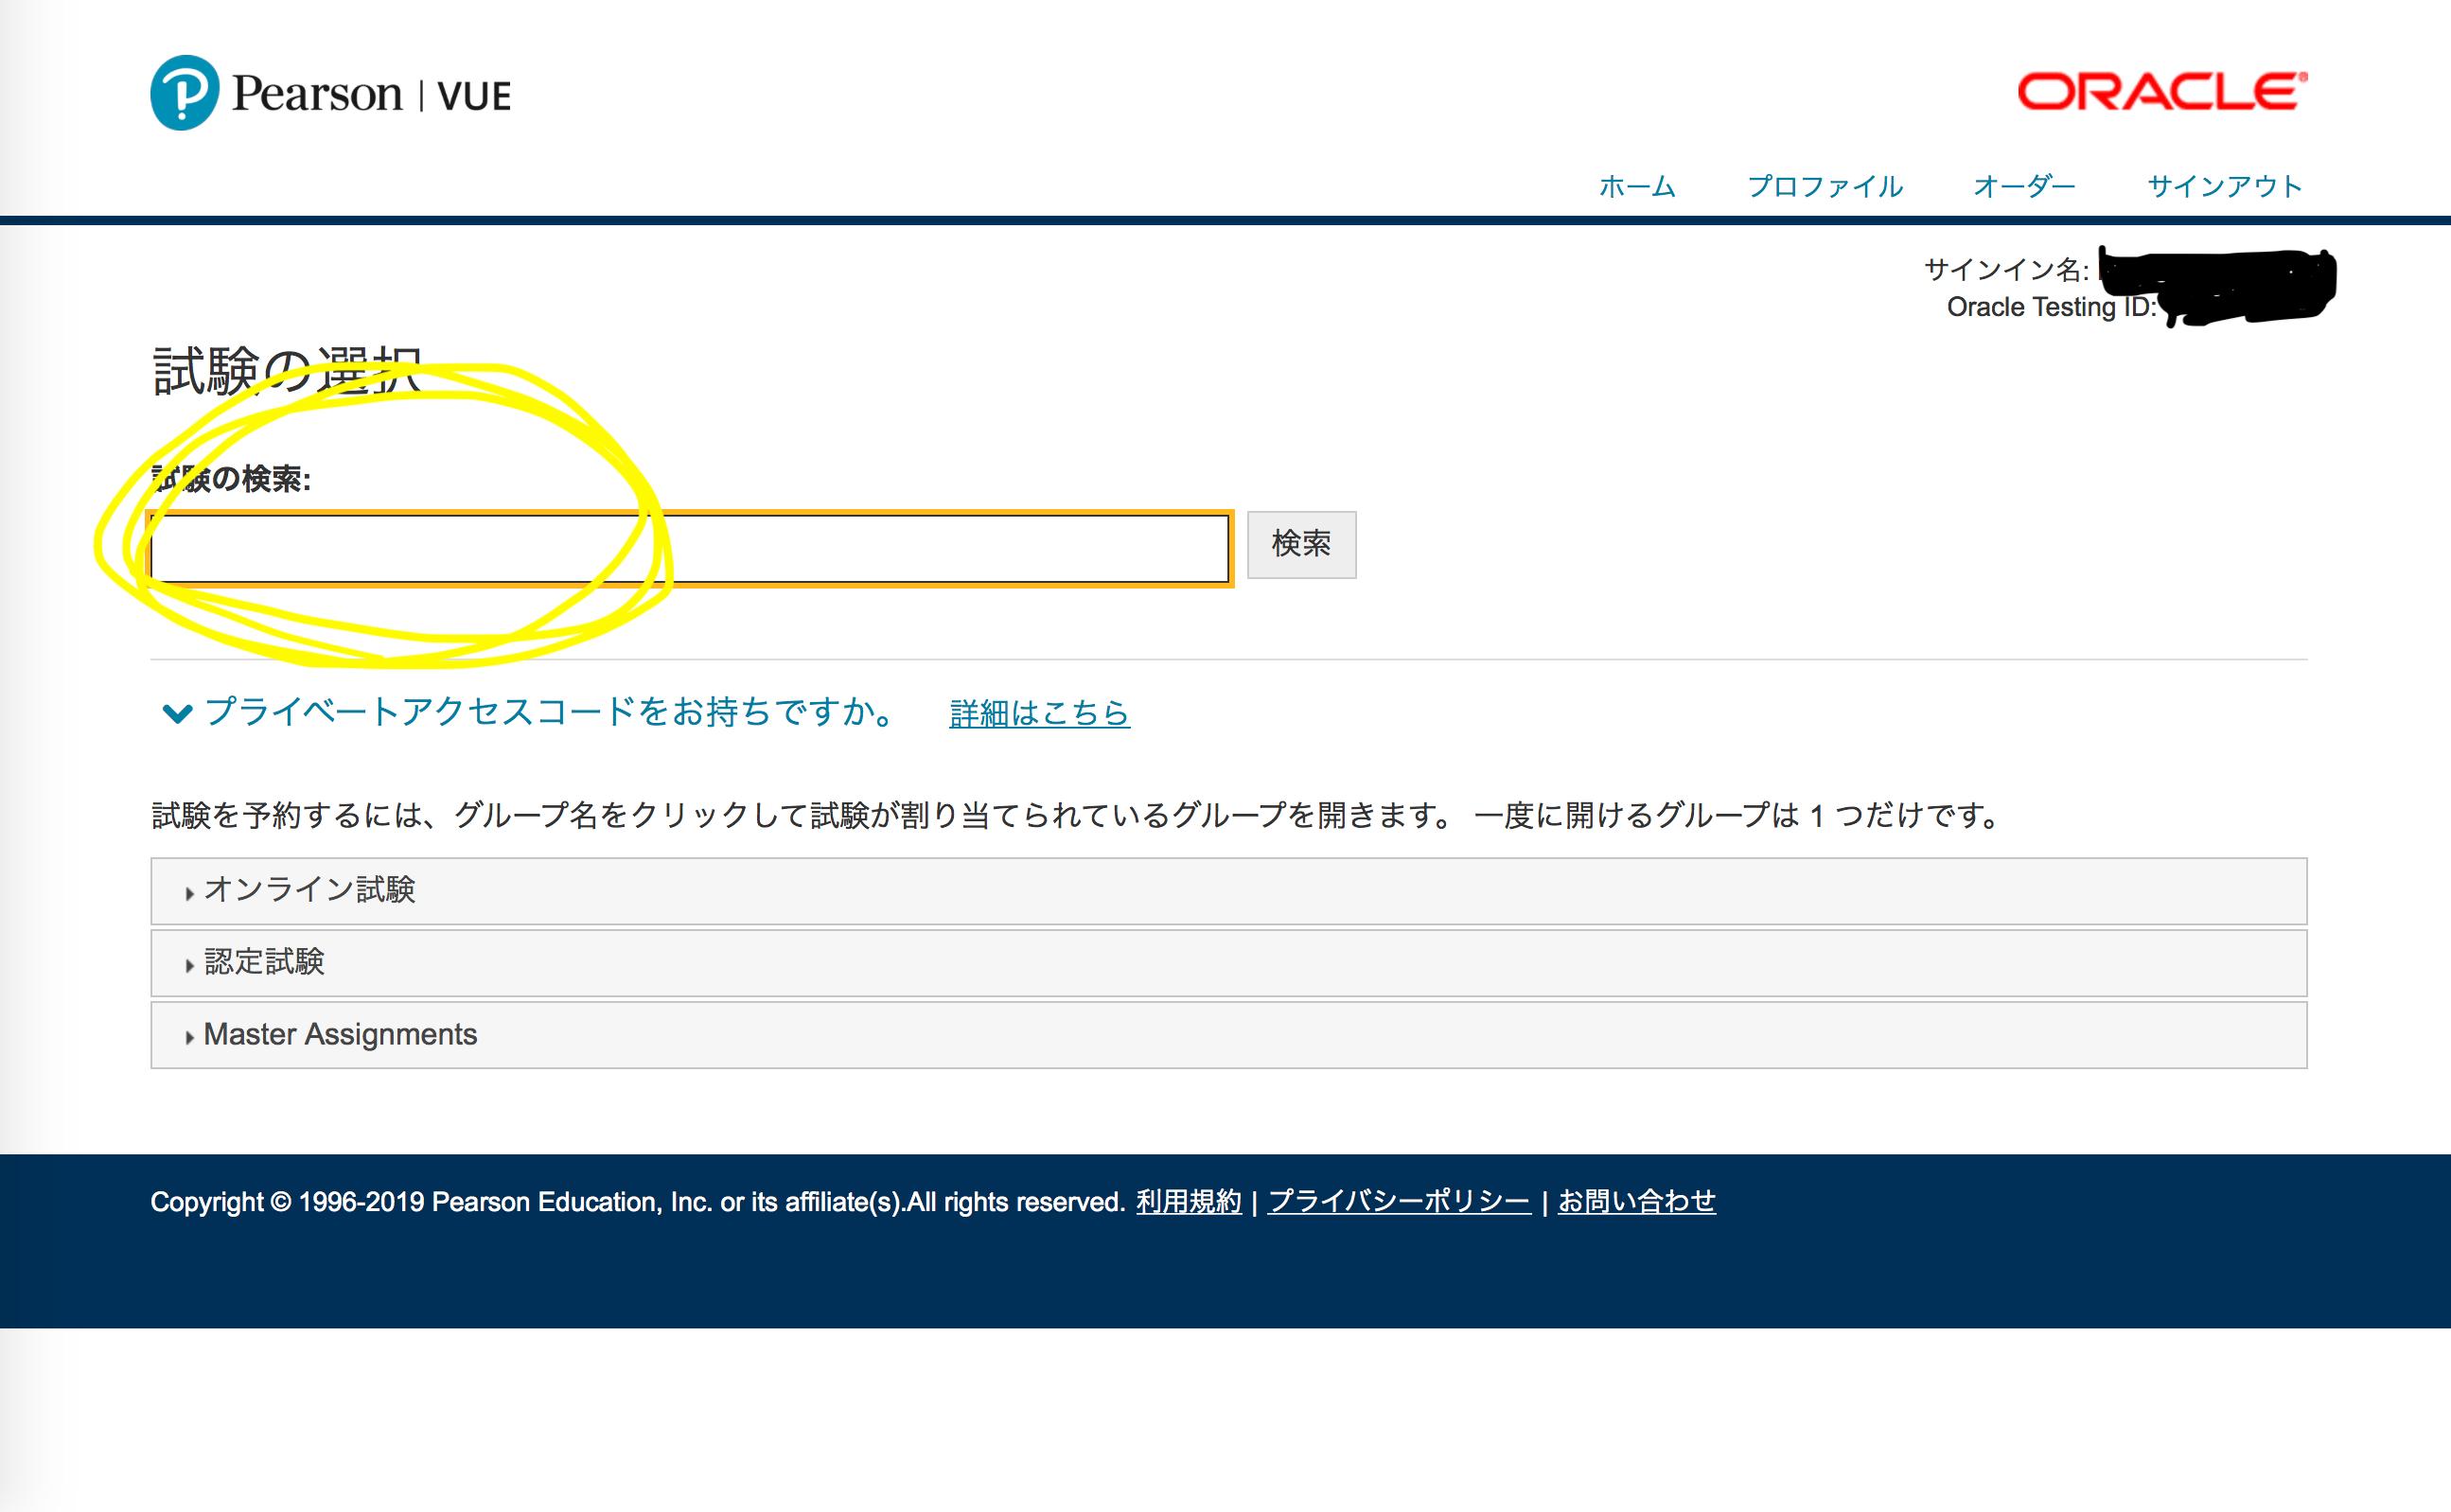 ピアソン試験検索画面.png